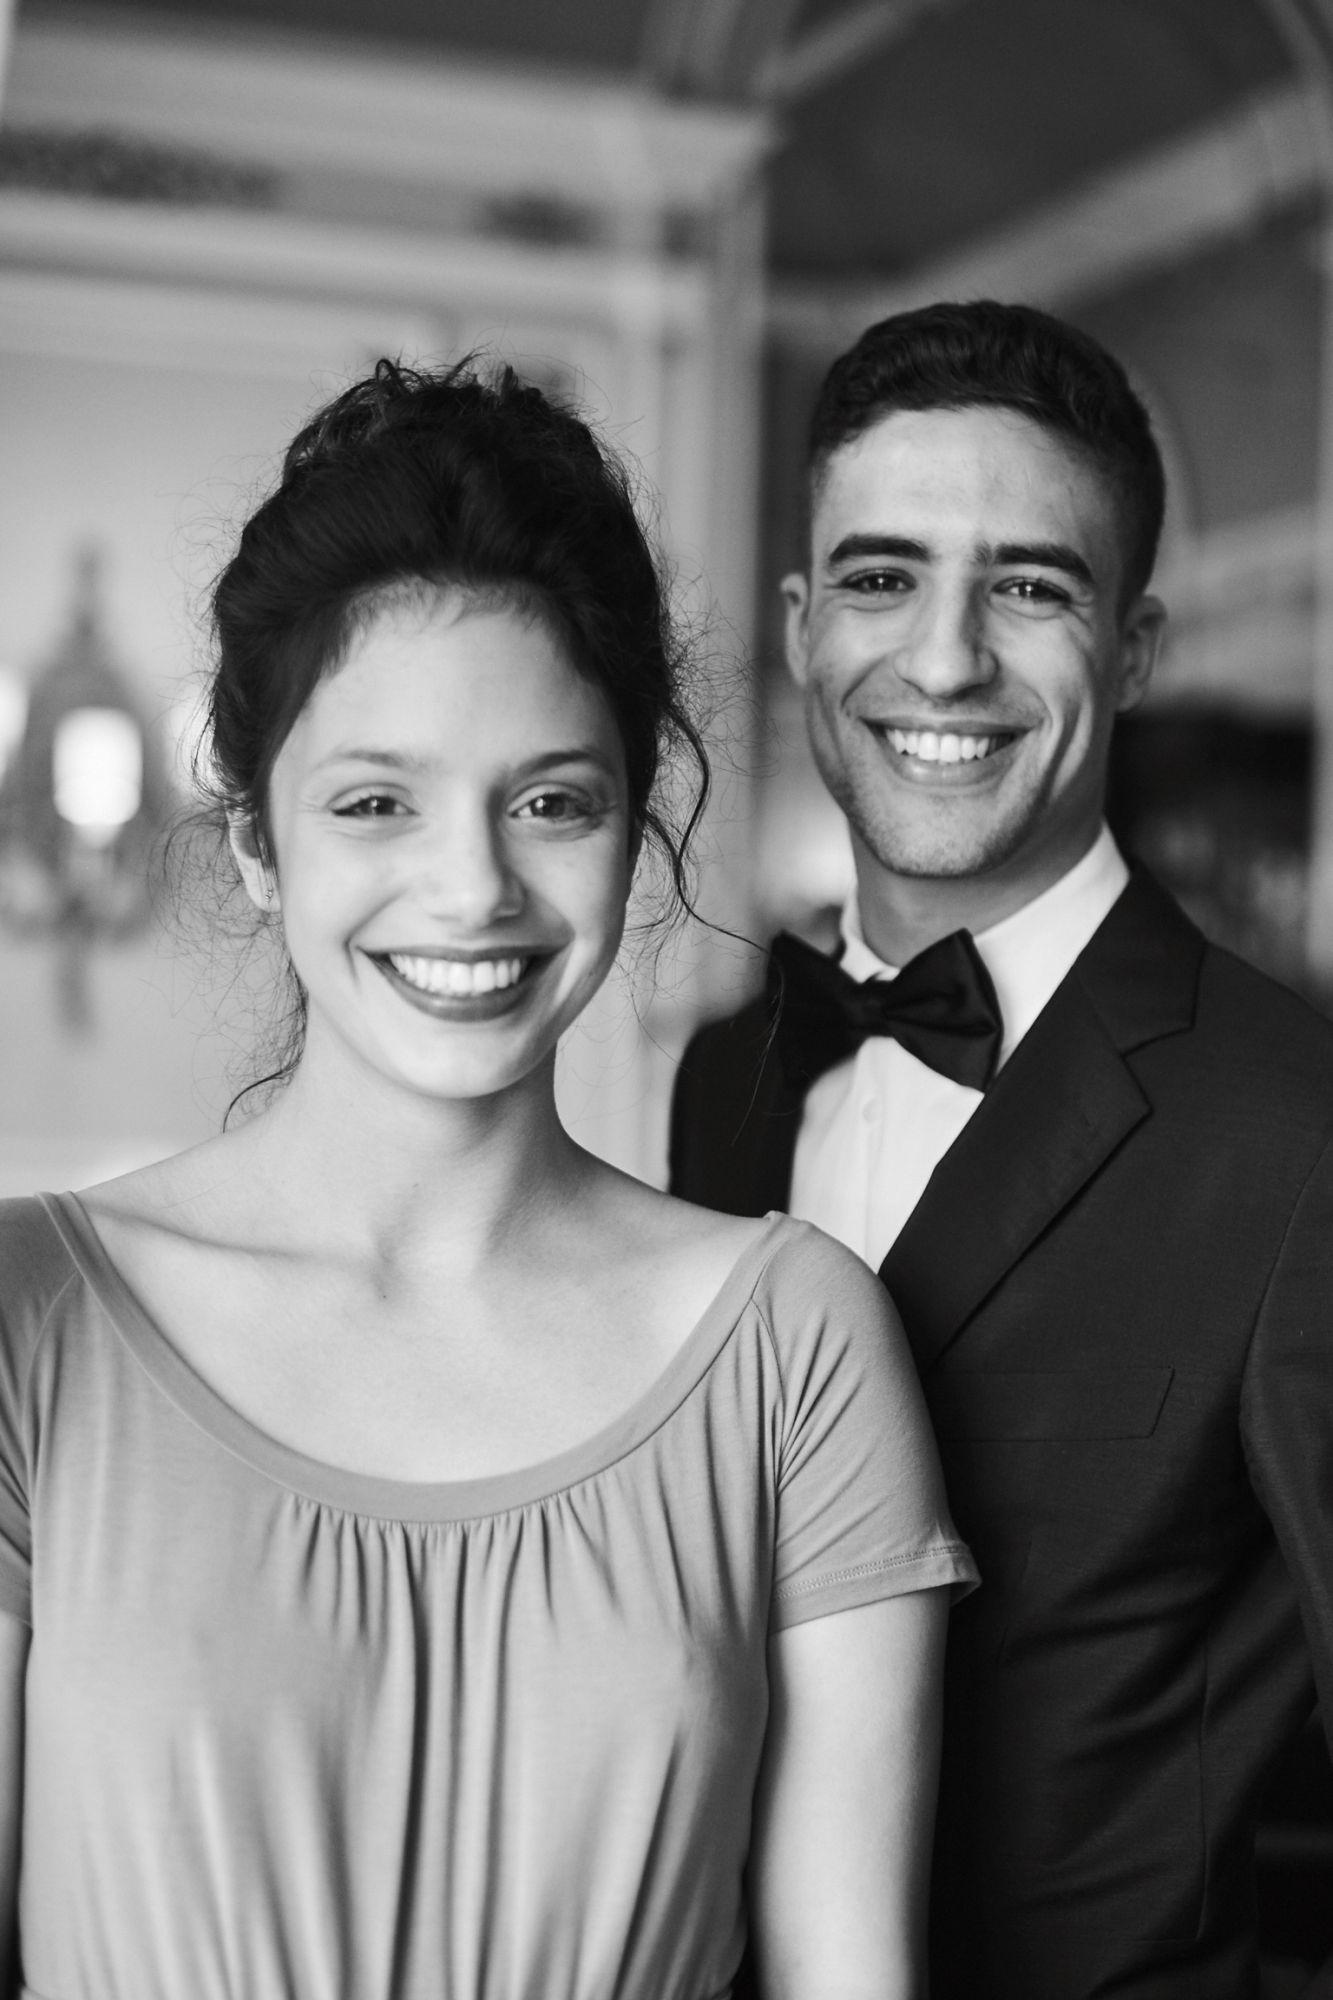 Noée Abita (actrice) et Shaïn Boumedine (acteur)  Maquillage : Dr. Hauschka Coiffure : Franck Provost